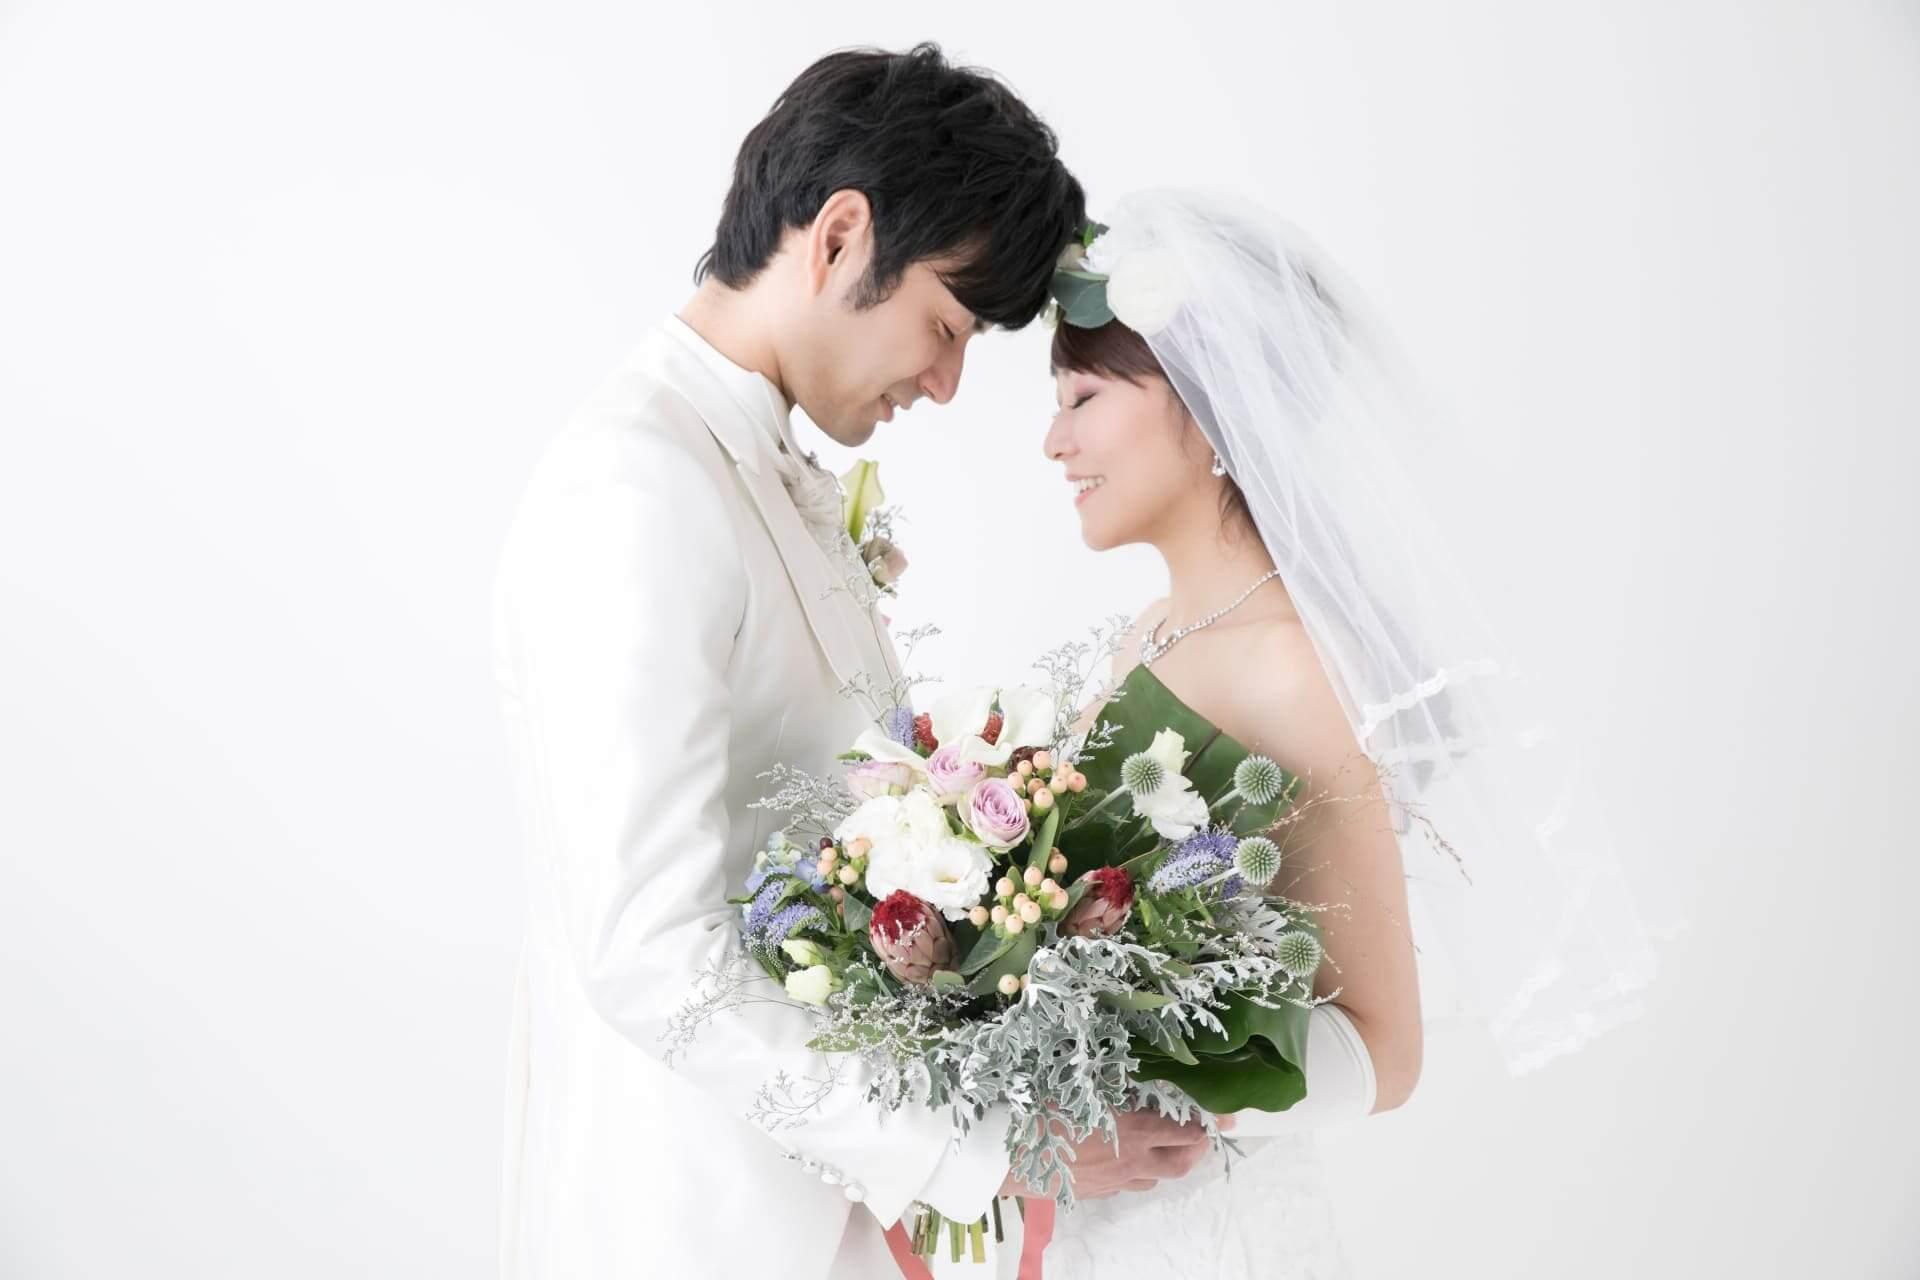 2021年こそ、彼と結婚したい!彼氏が結婚したい時に出す5つのサイン